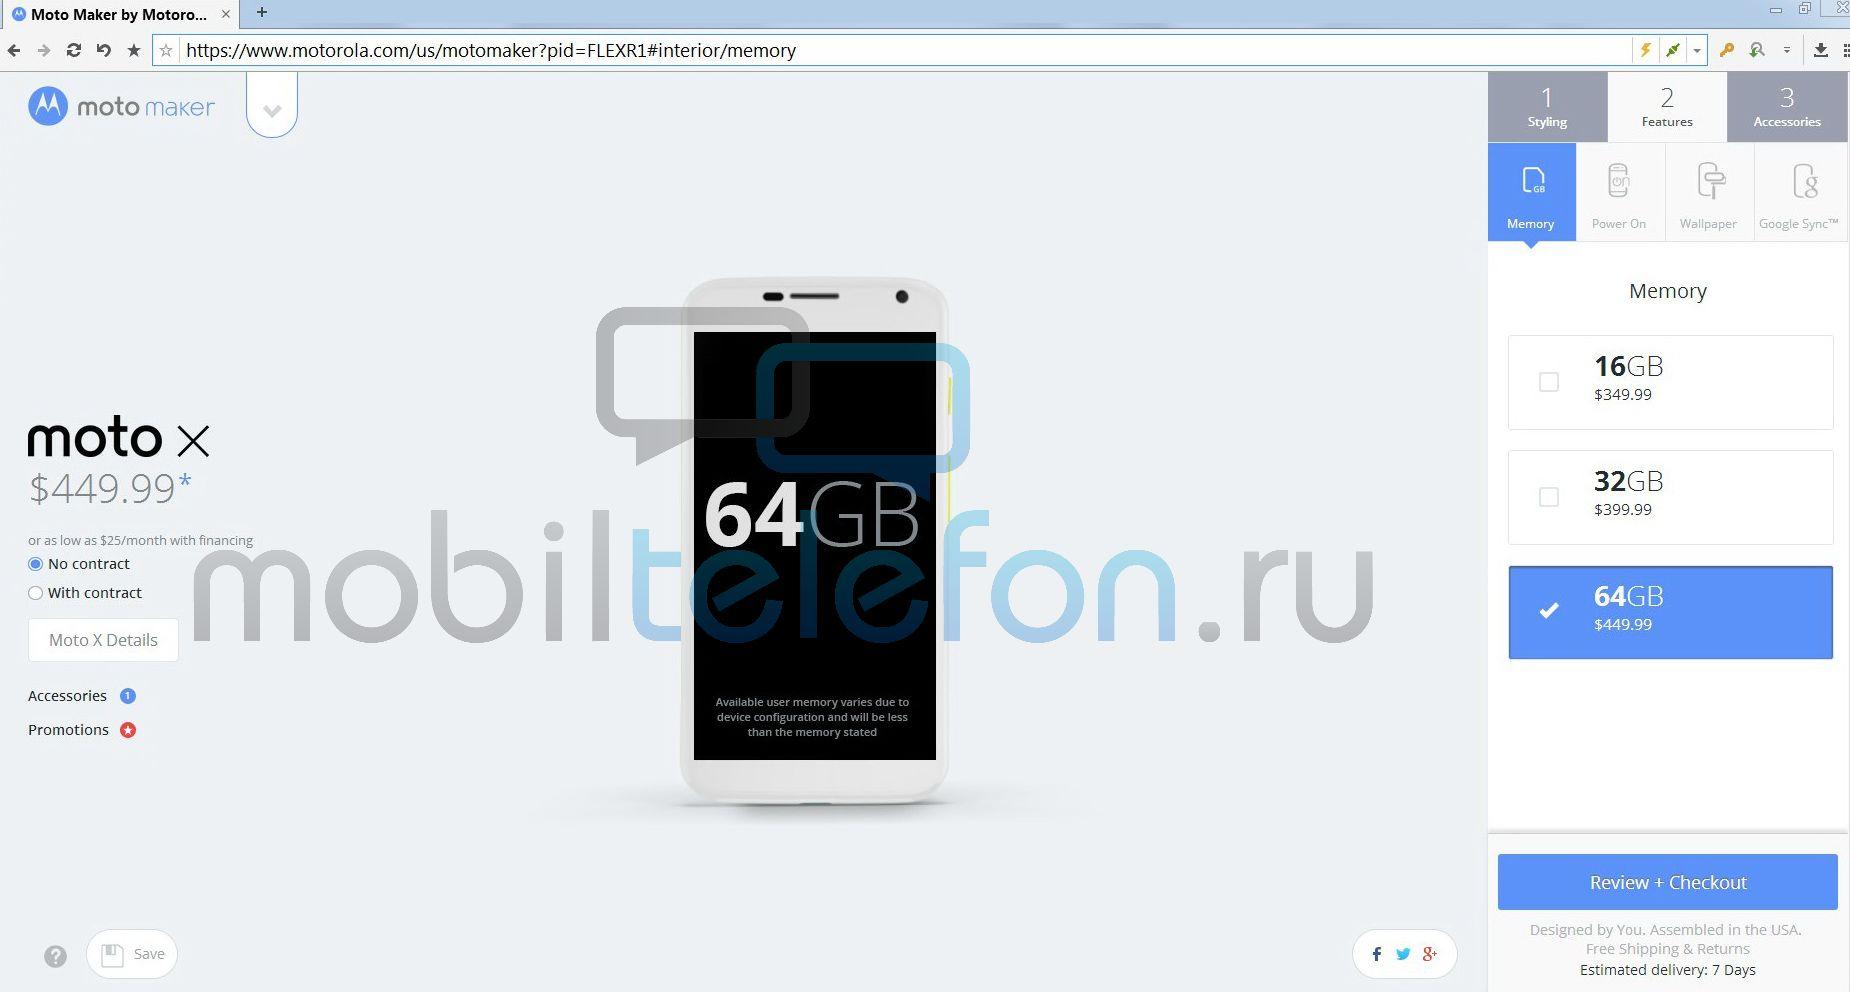 Motorola pourrait commercialiser une version 64 Go du Moto X